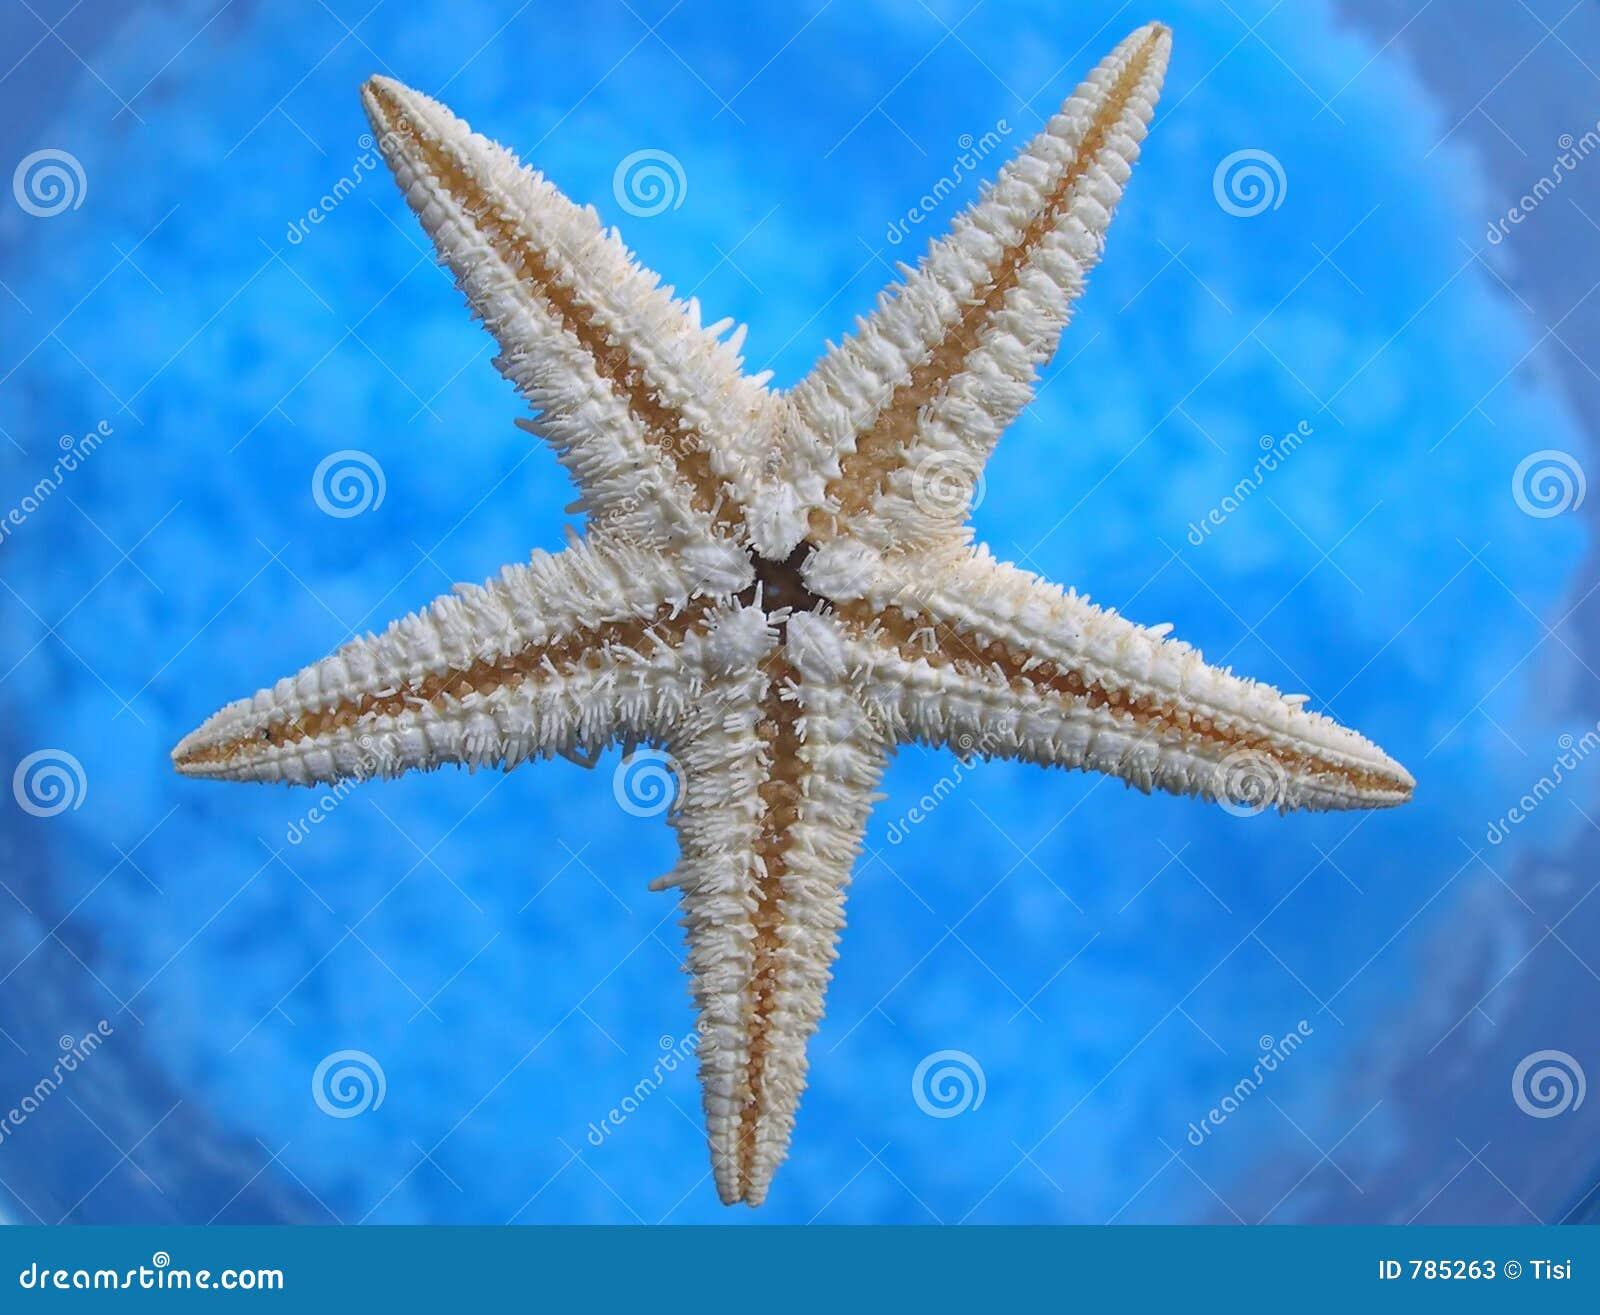 Estrella del océano